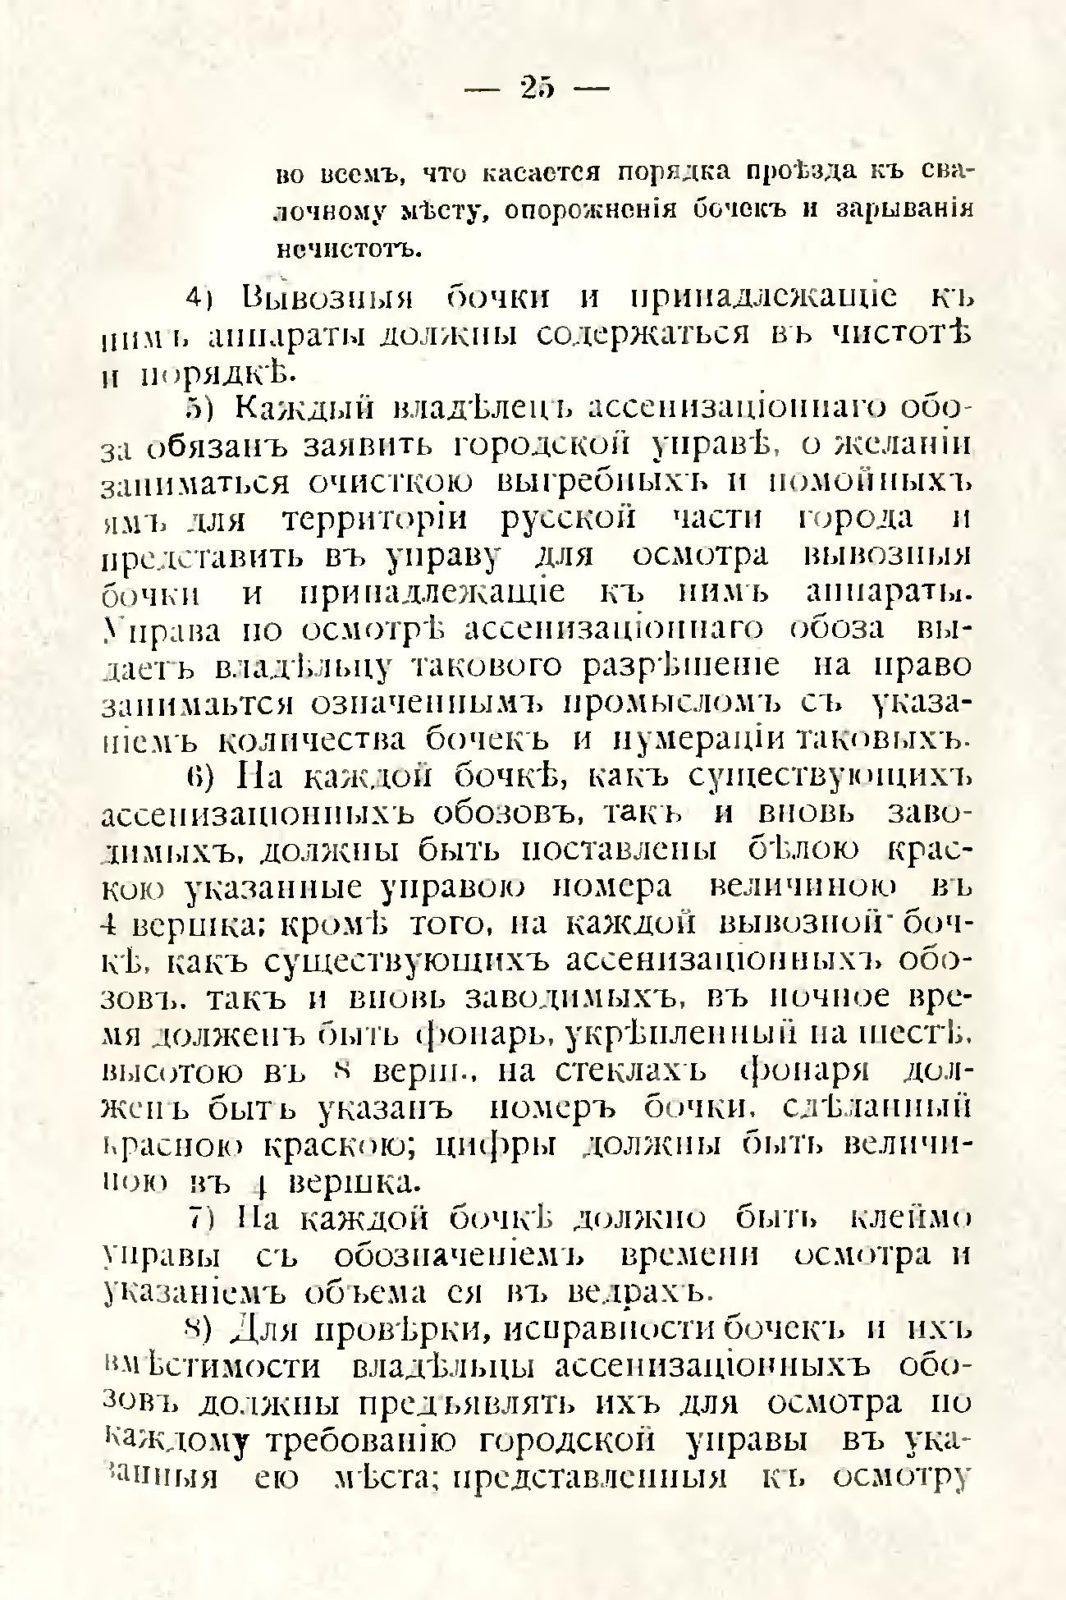 sbornik_obyazatelnyh_postanovlenii_tashkentskoi_gorodskoi_du_29